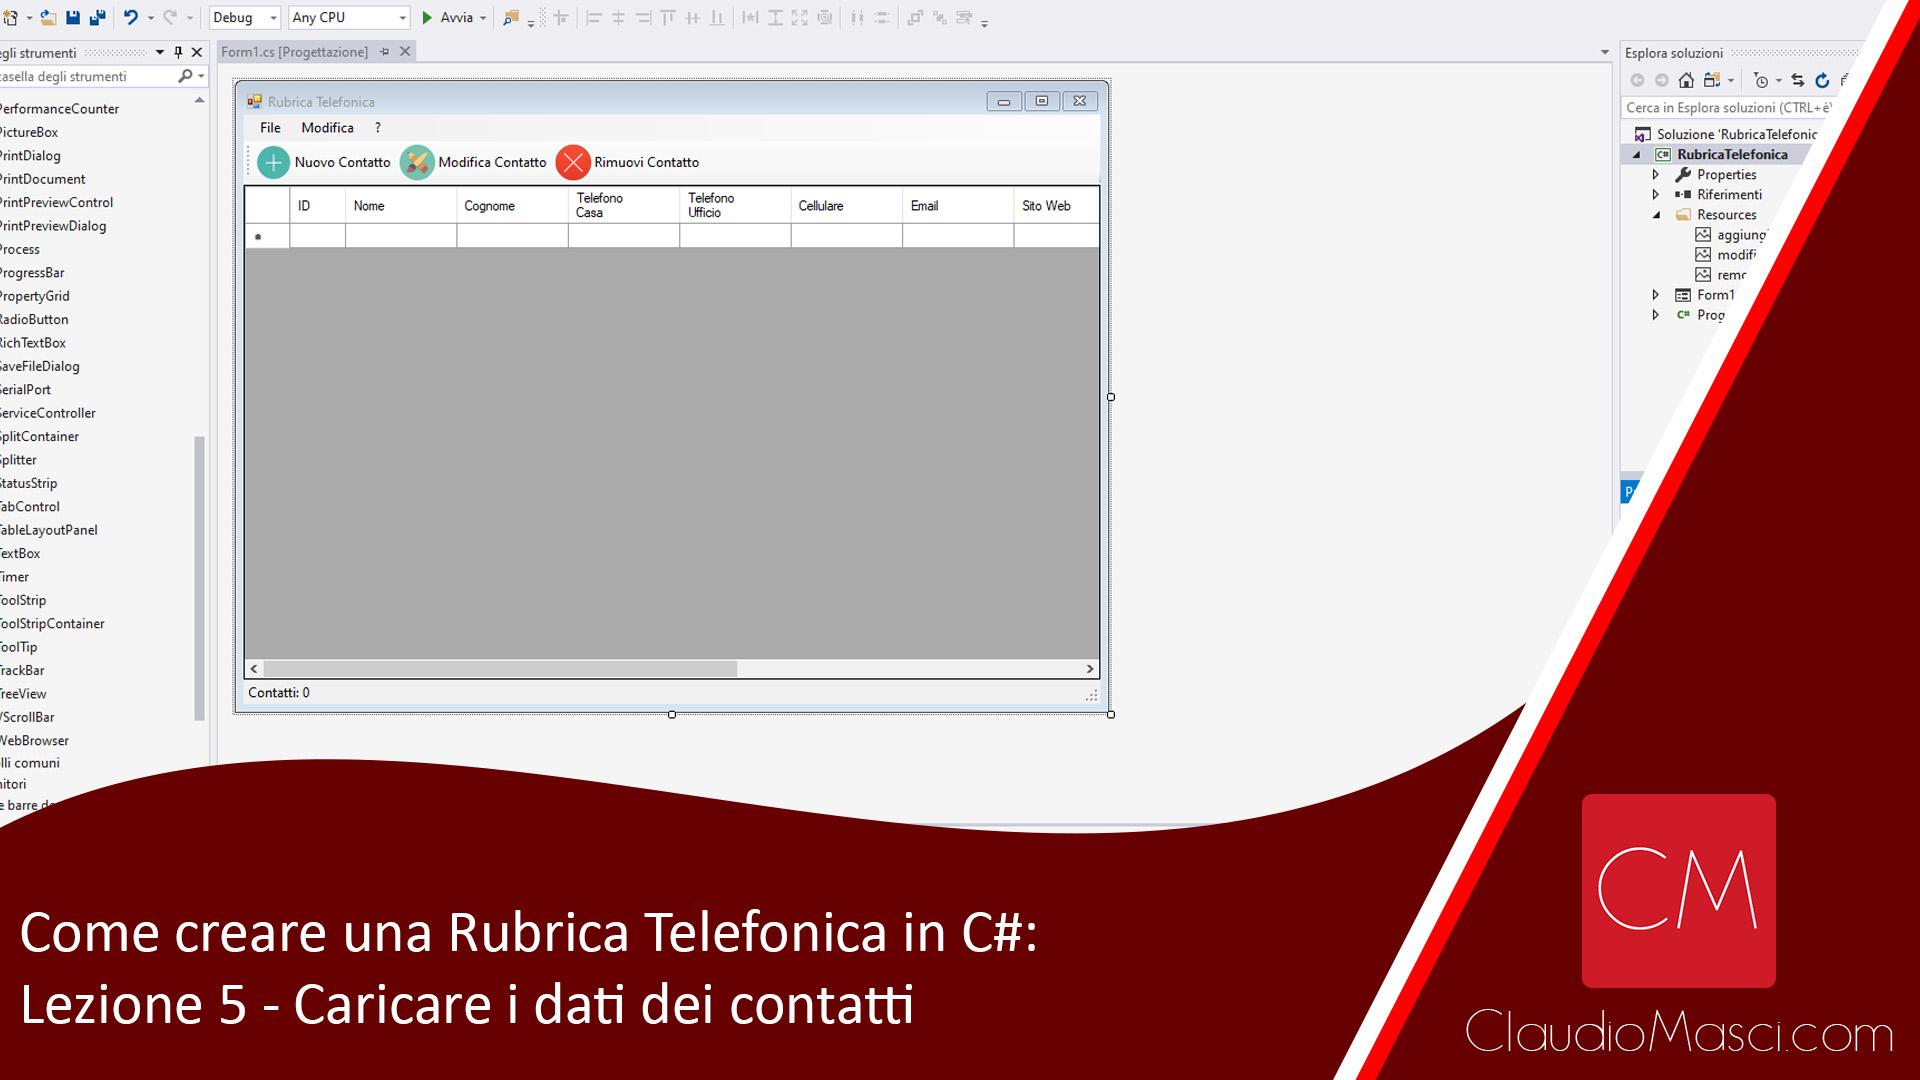 Come creare una Rubrica Telefonica in C# – Lezione 5 – Caricare i dati dei contatti